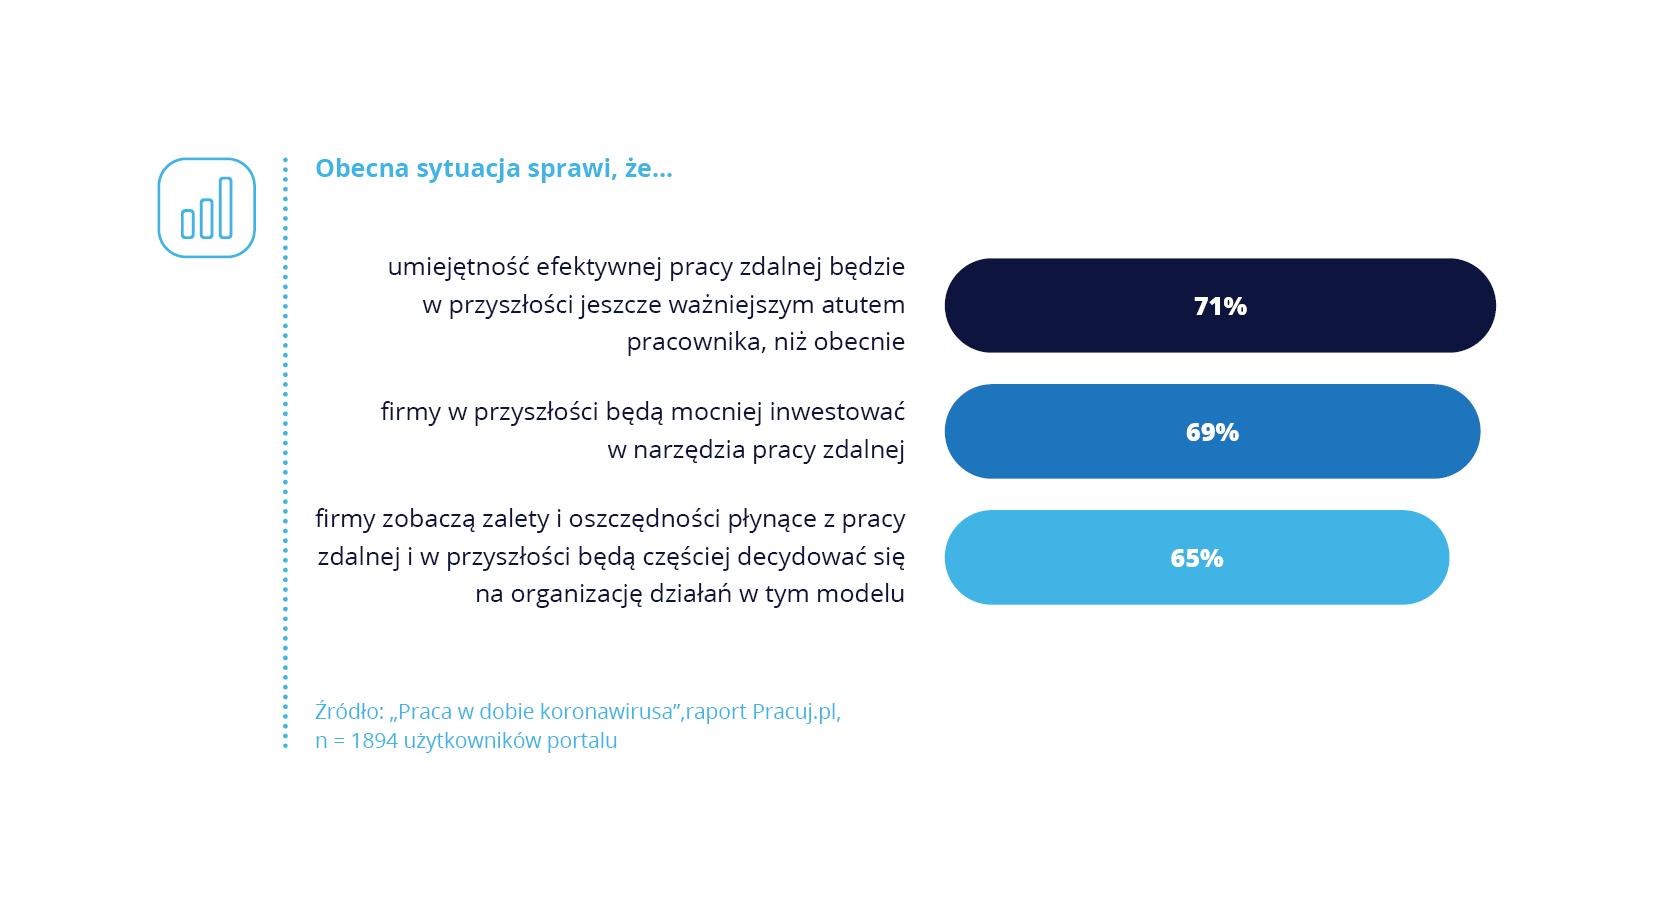 Przyszłość pracy zdalnej w badaniu Pracuj.pl